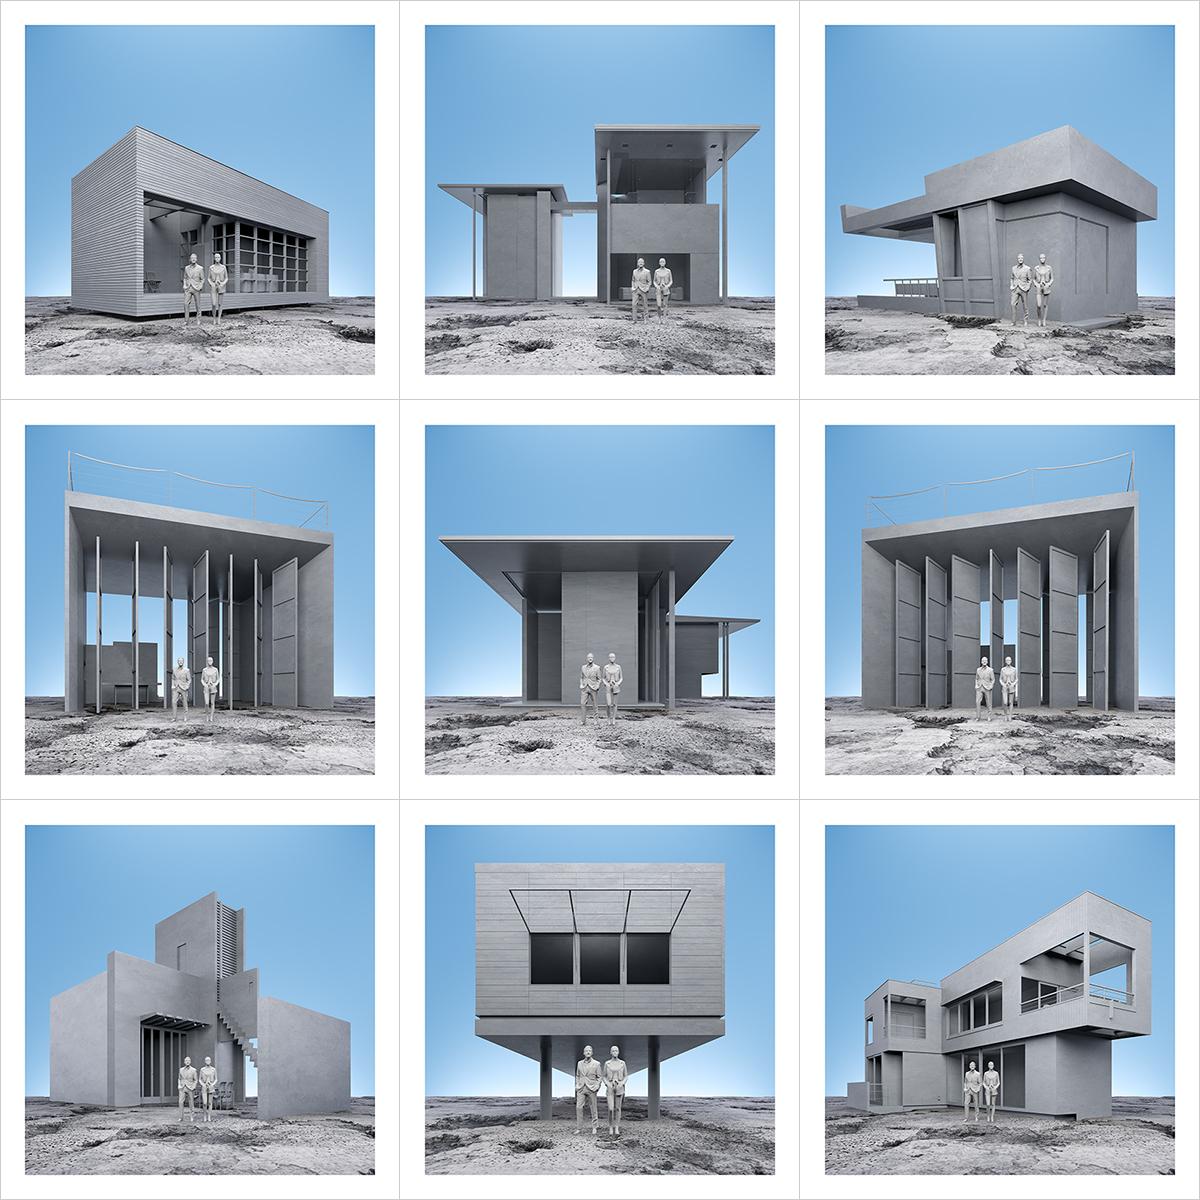 180 Art of the XXICentury II 000 - 2021 - Art of the XXI Century. II